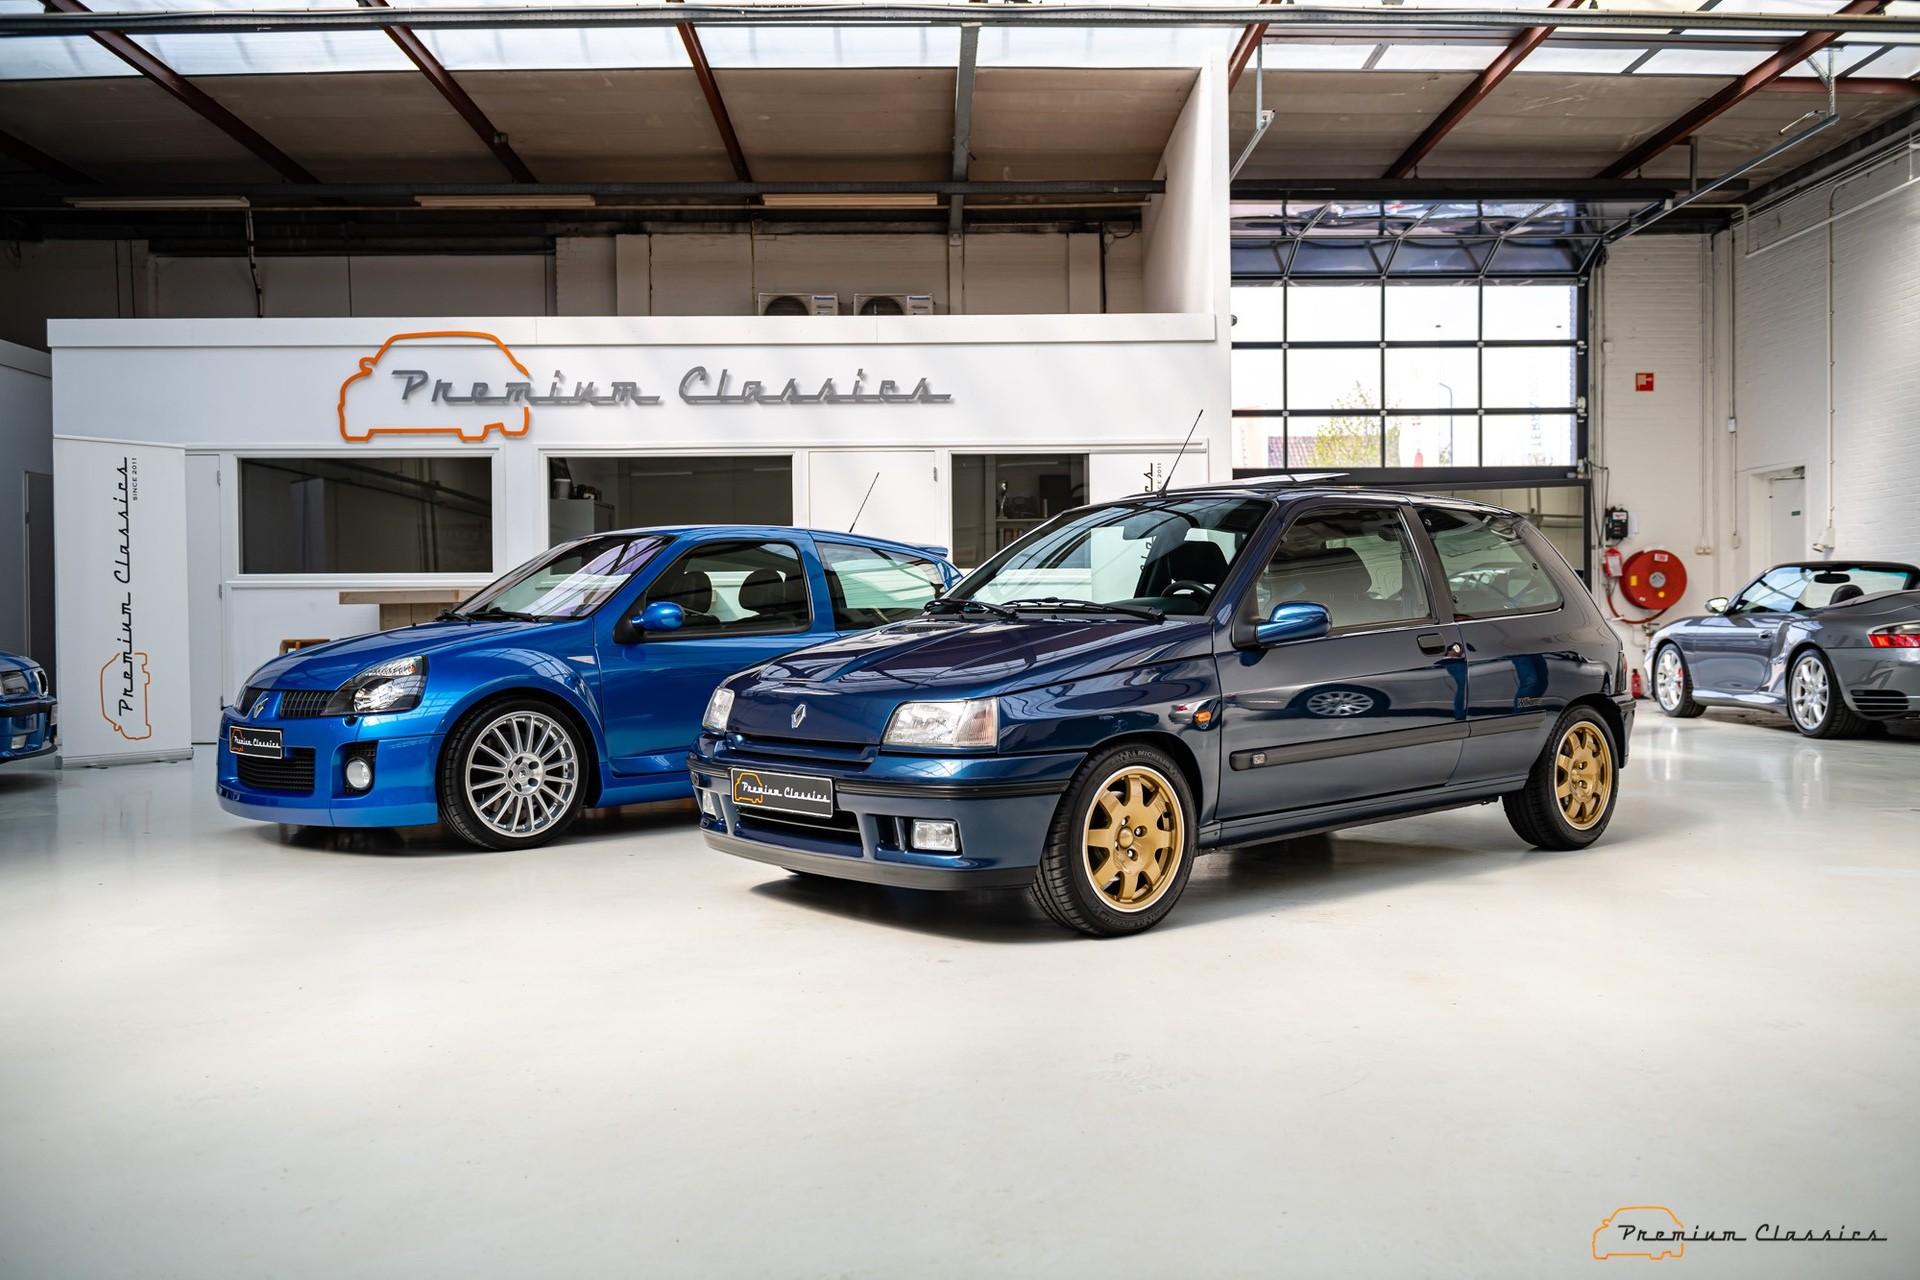 Renault_Clio_Williams_sale-0066